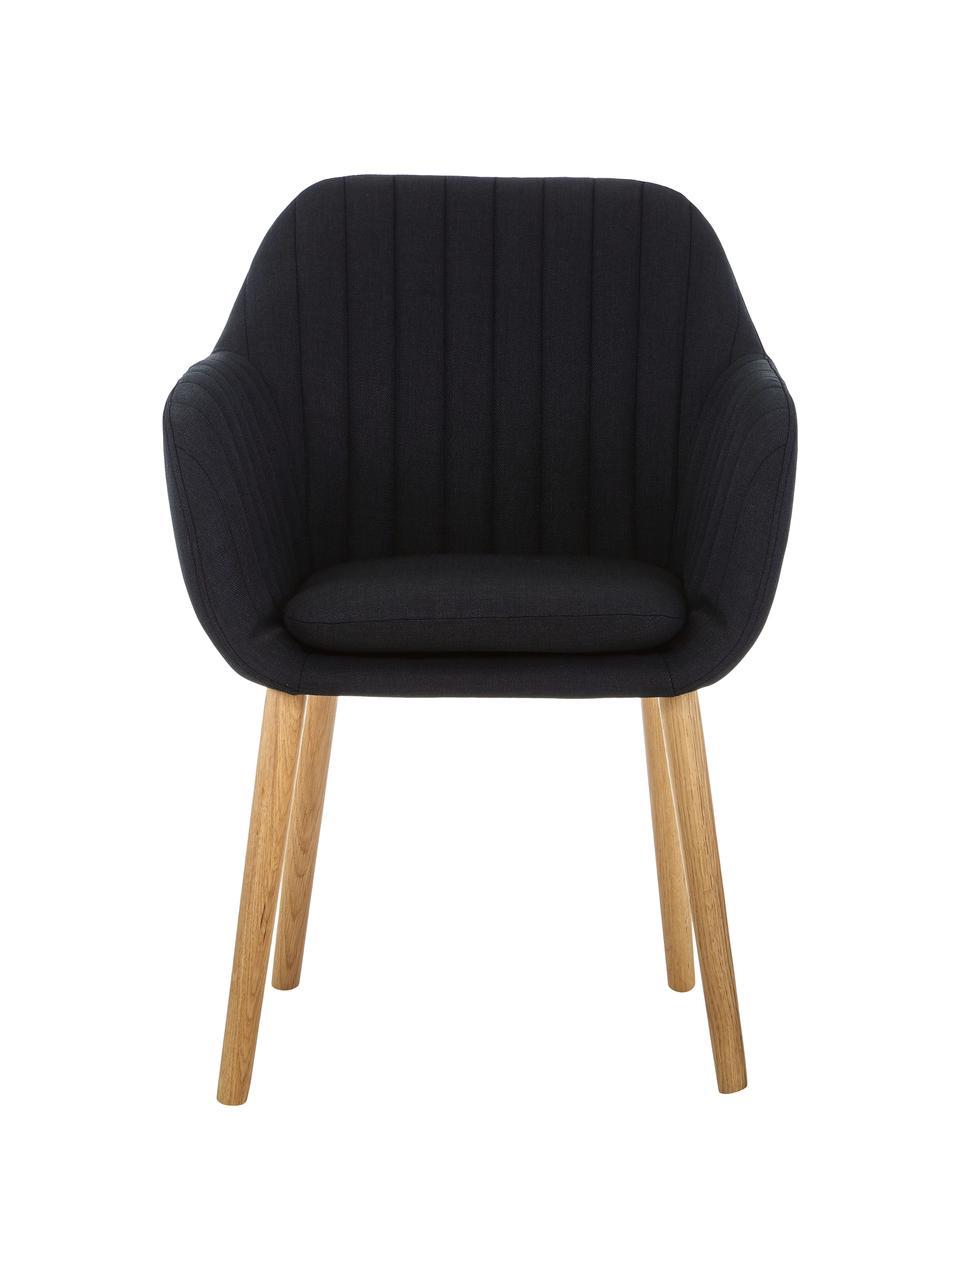 Čalouněná židle spodručkami Emilia, Antracitová